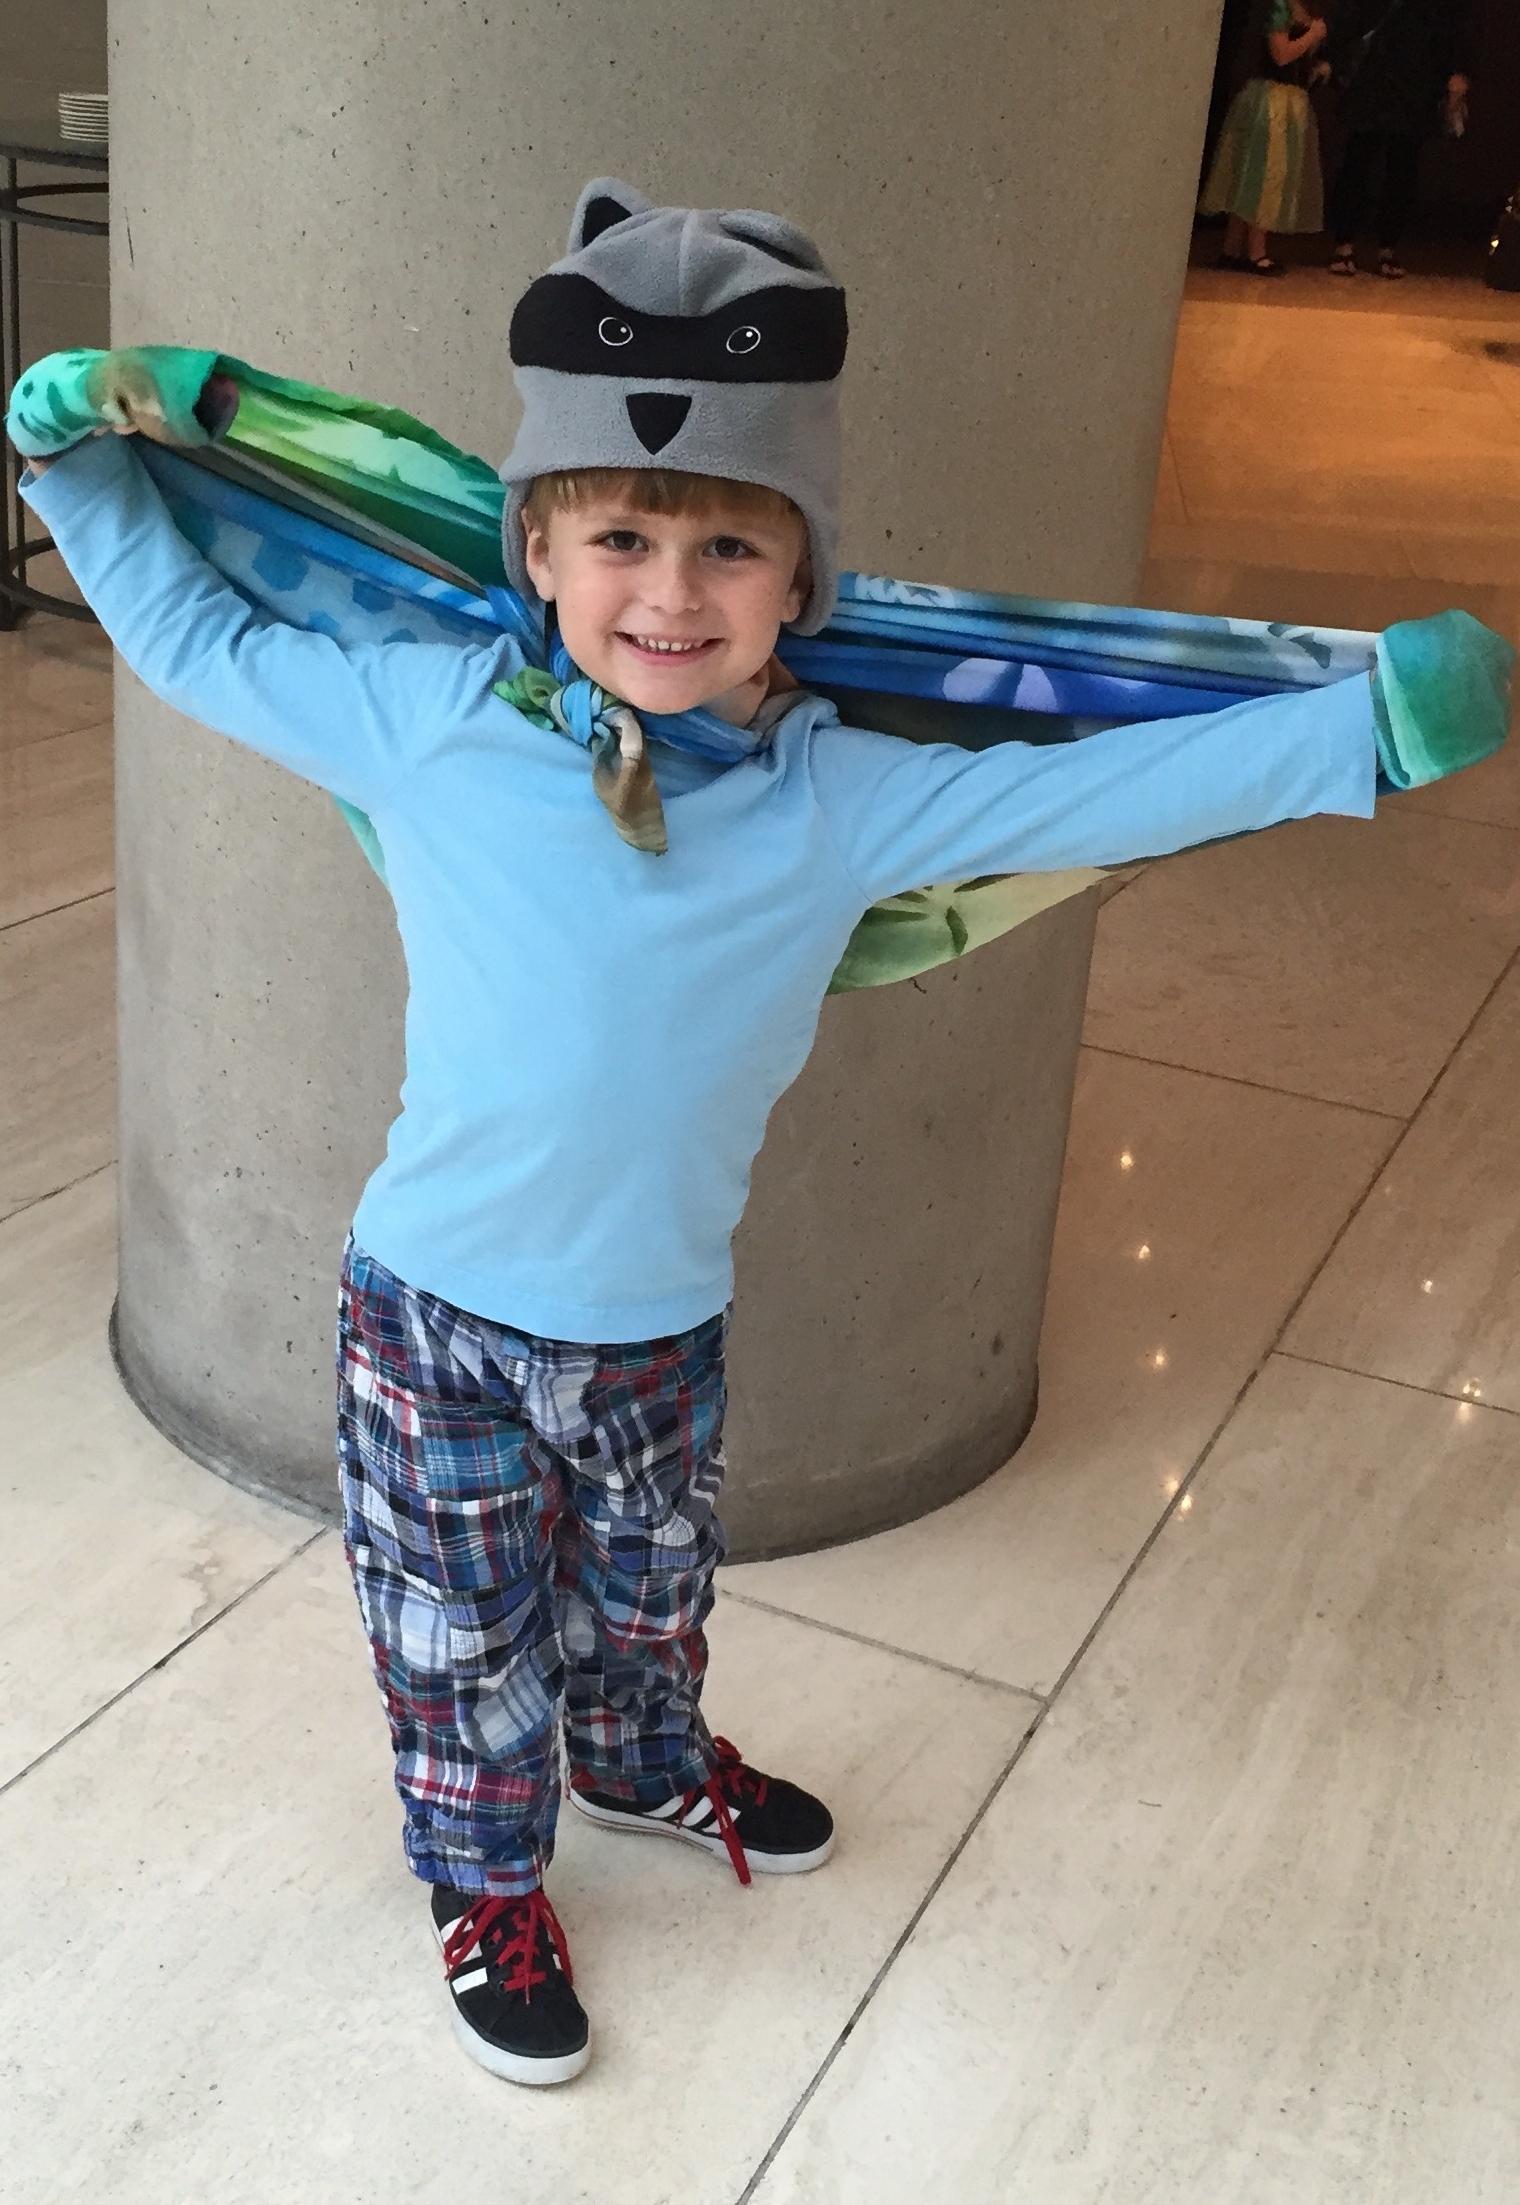 Bambino's Super Hero costume